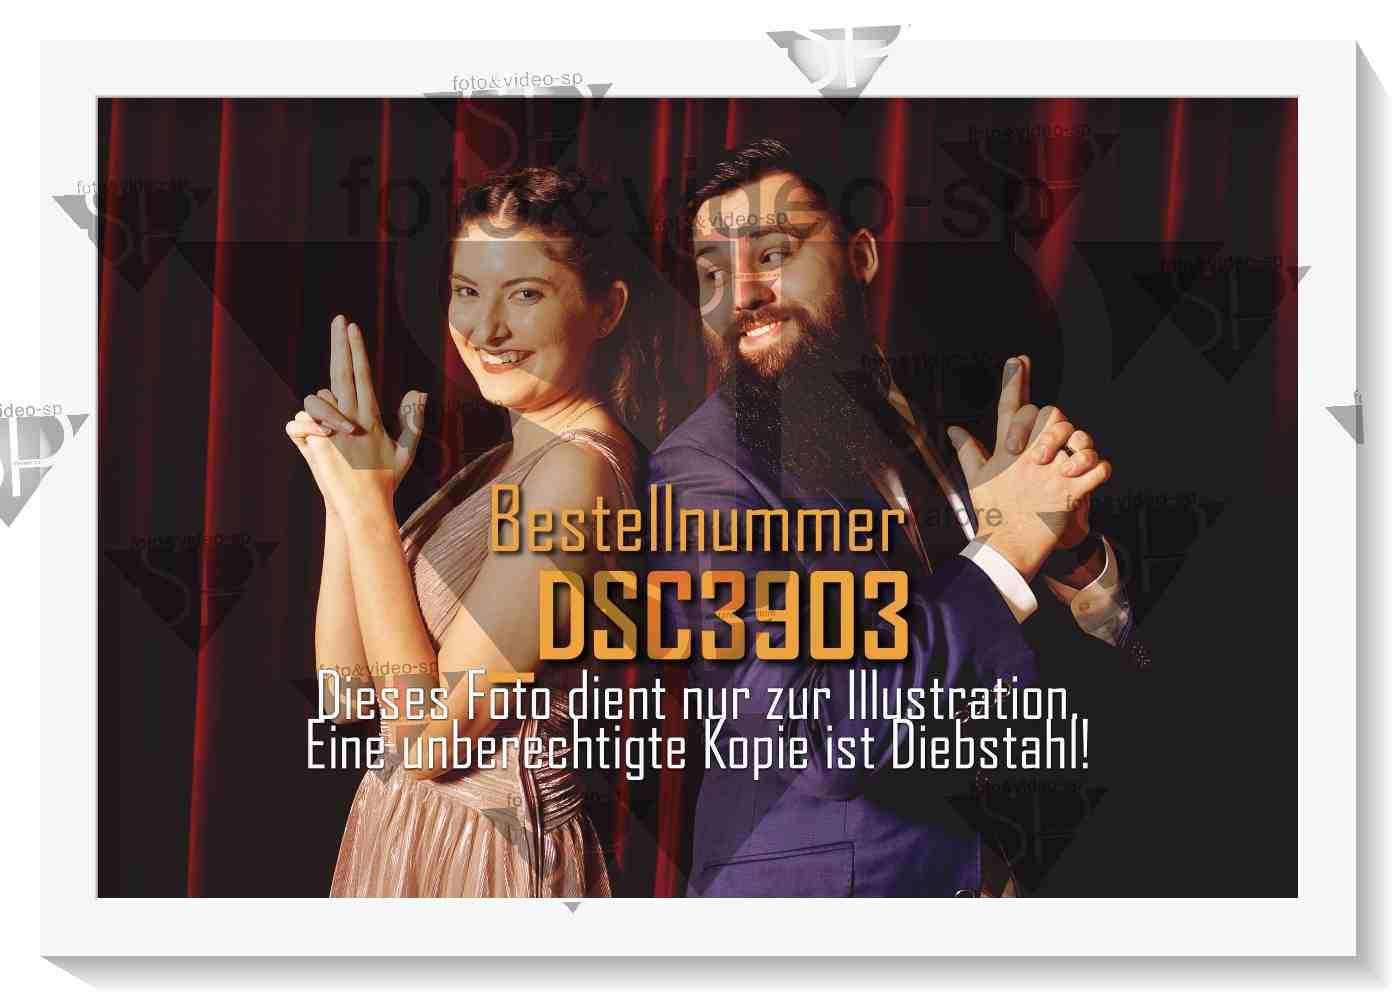 DSC3903